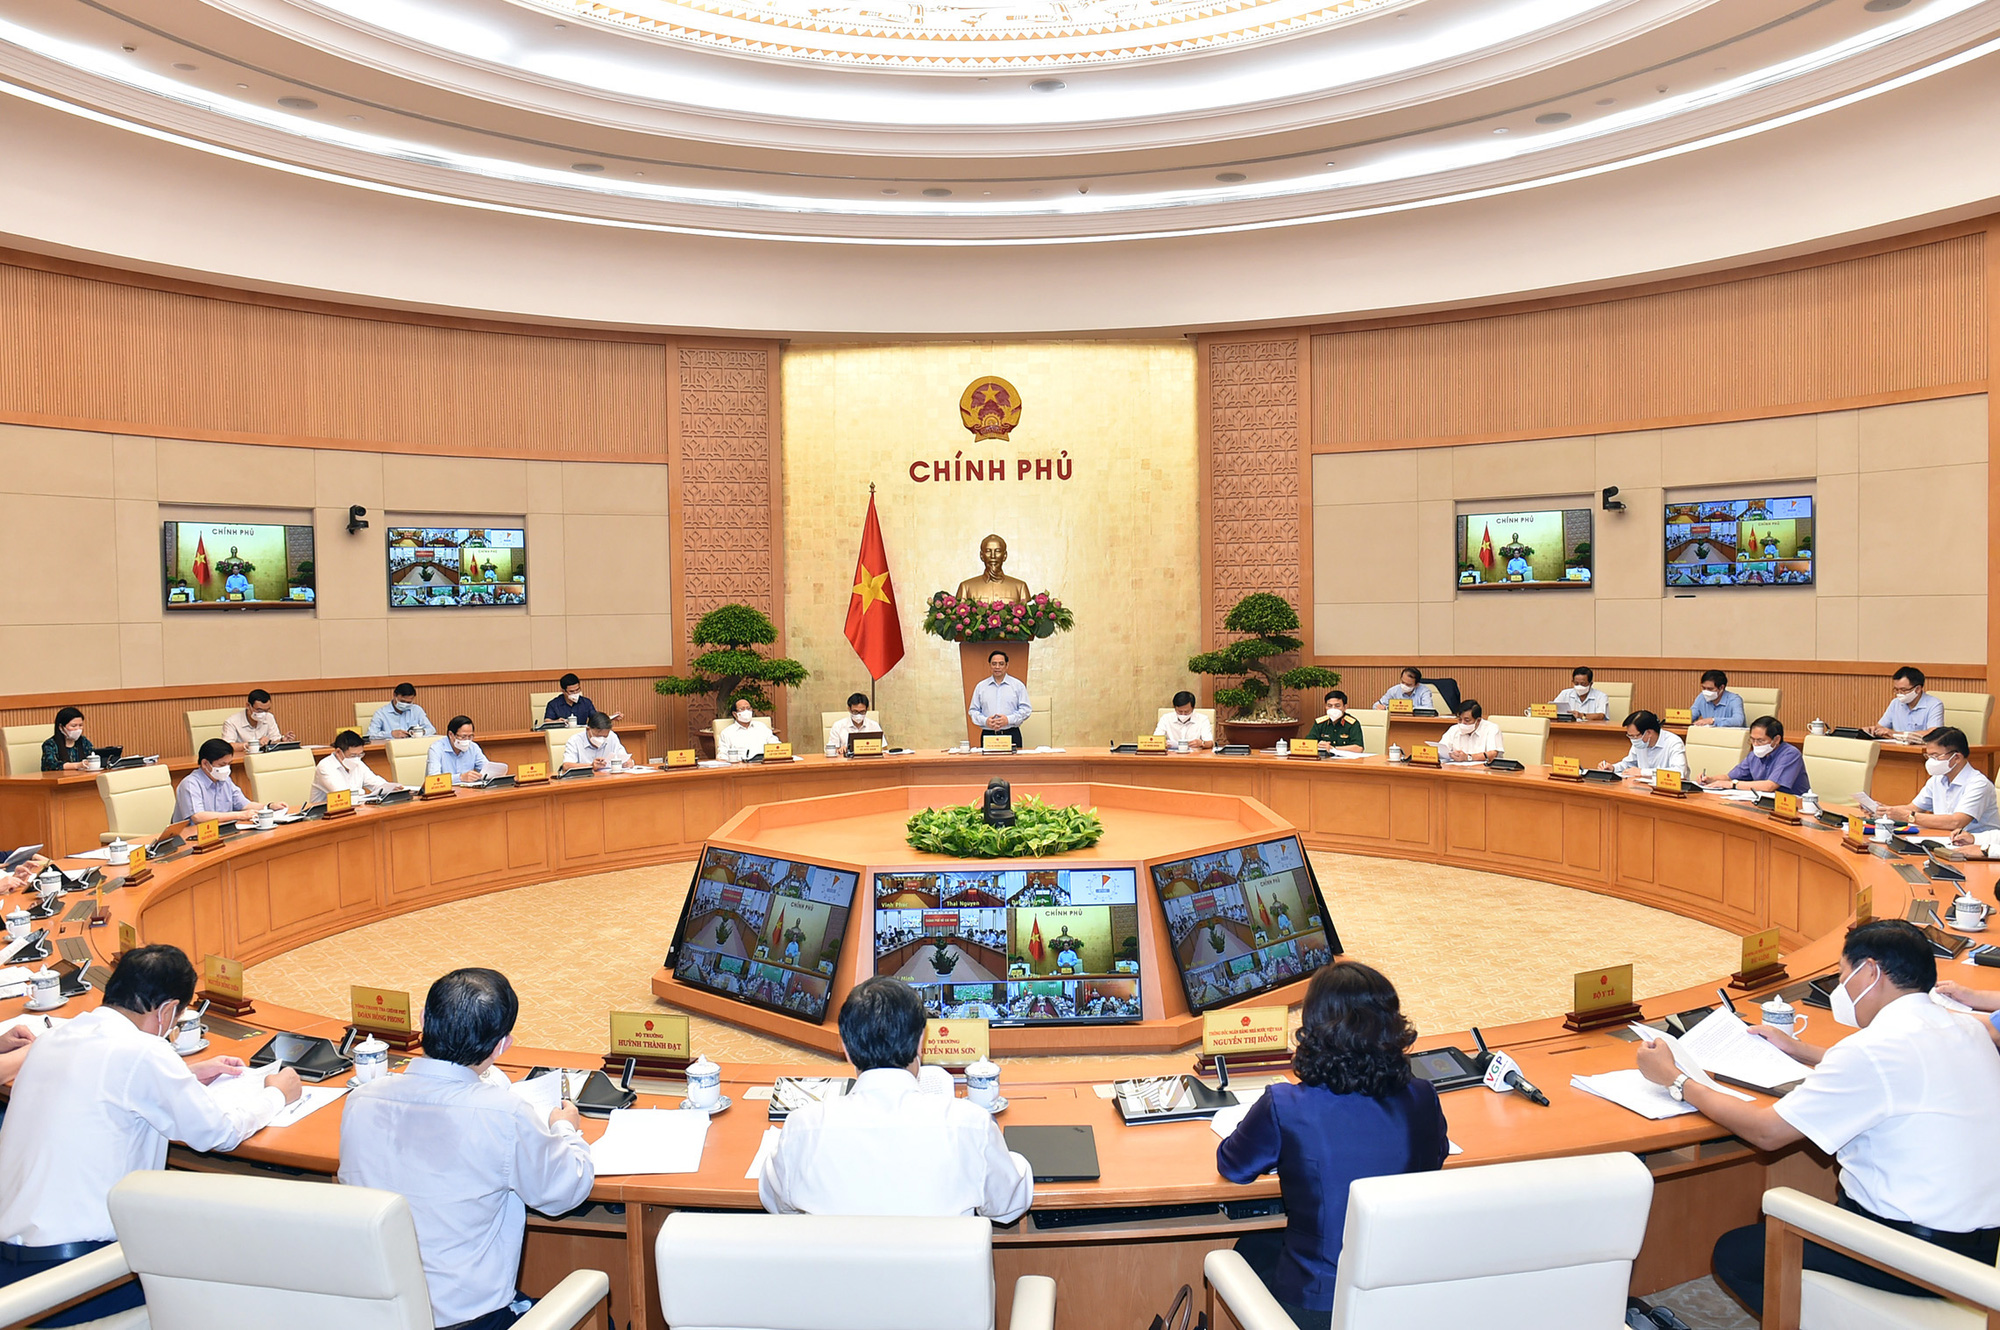 Thực hiện cách ly, giãn cách, Thủ tướng yêu cầu thực hiện nghiêm nhưng phải đáp ứng 3 nhu cầu quan trọng của dân - Ảnh 2.